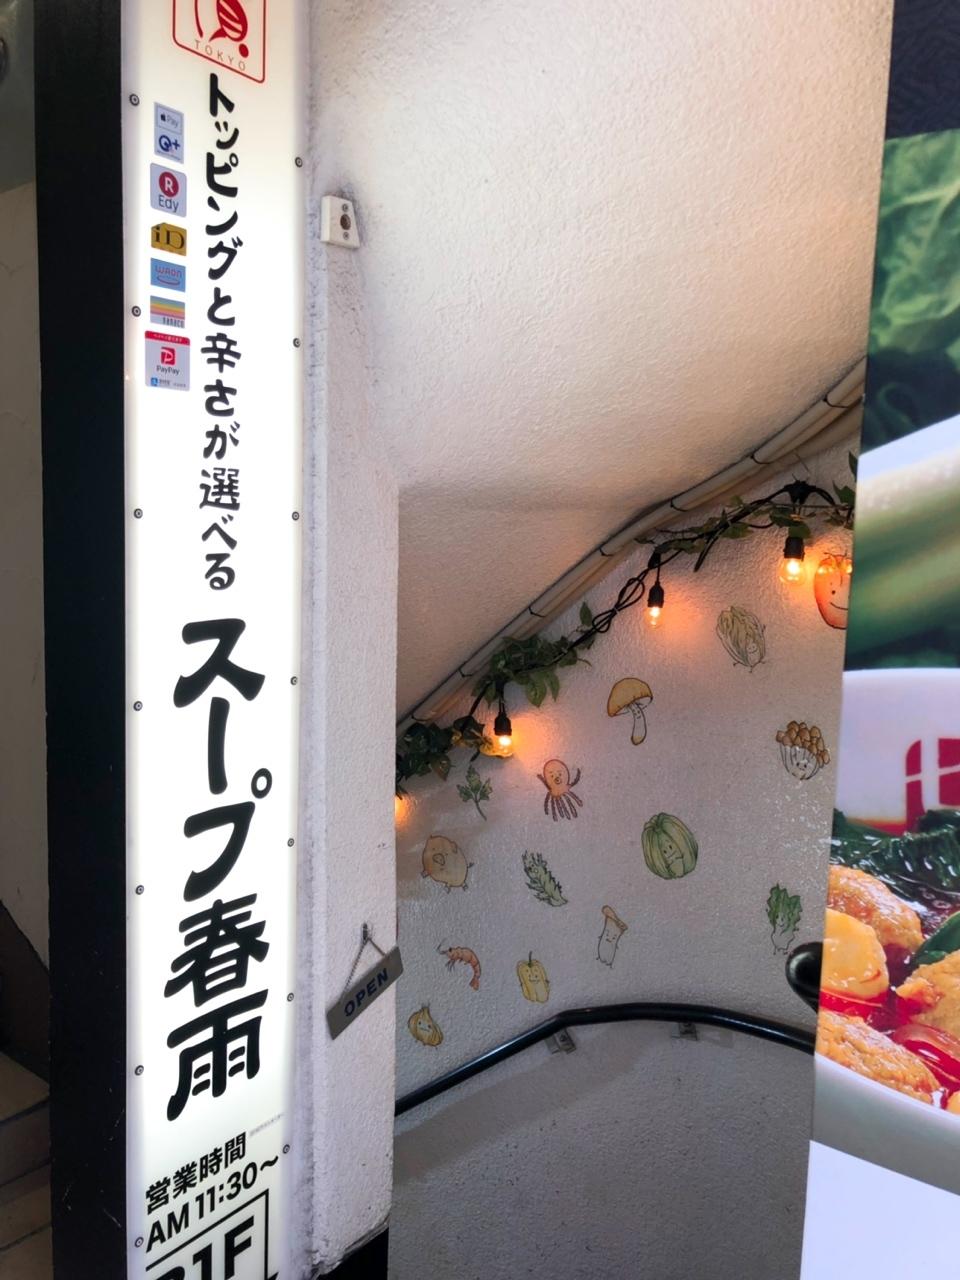 ダイエット中も安心!野菜たっぷりヘルシー薬膳スープ【渋谷】_1_1